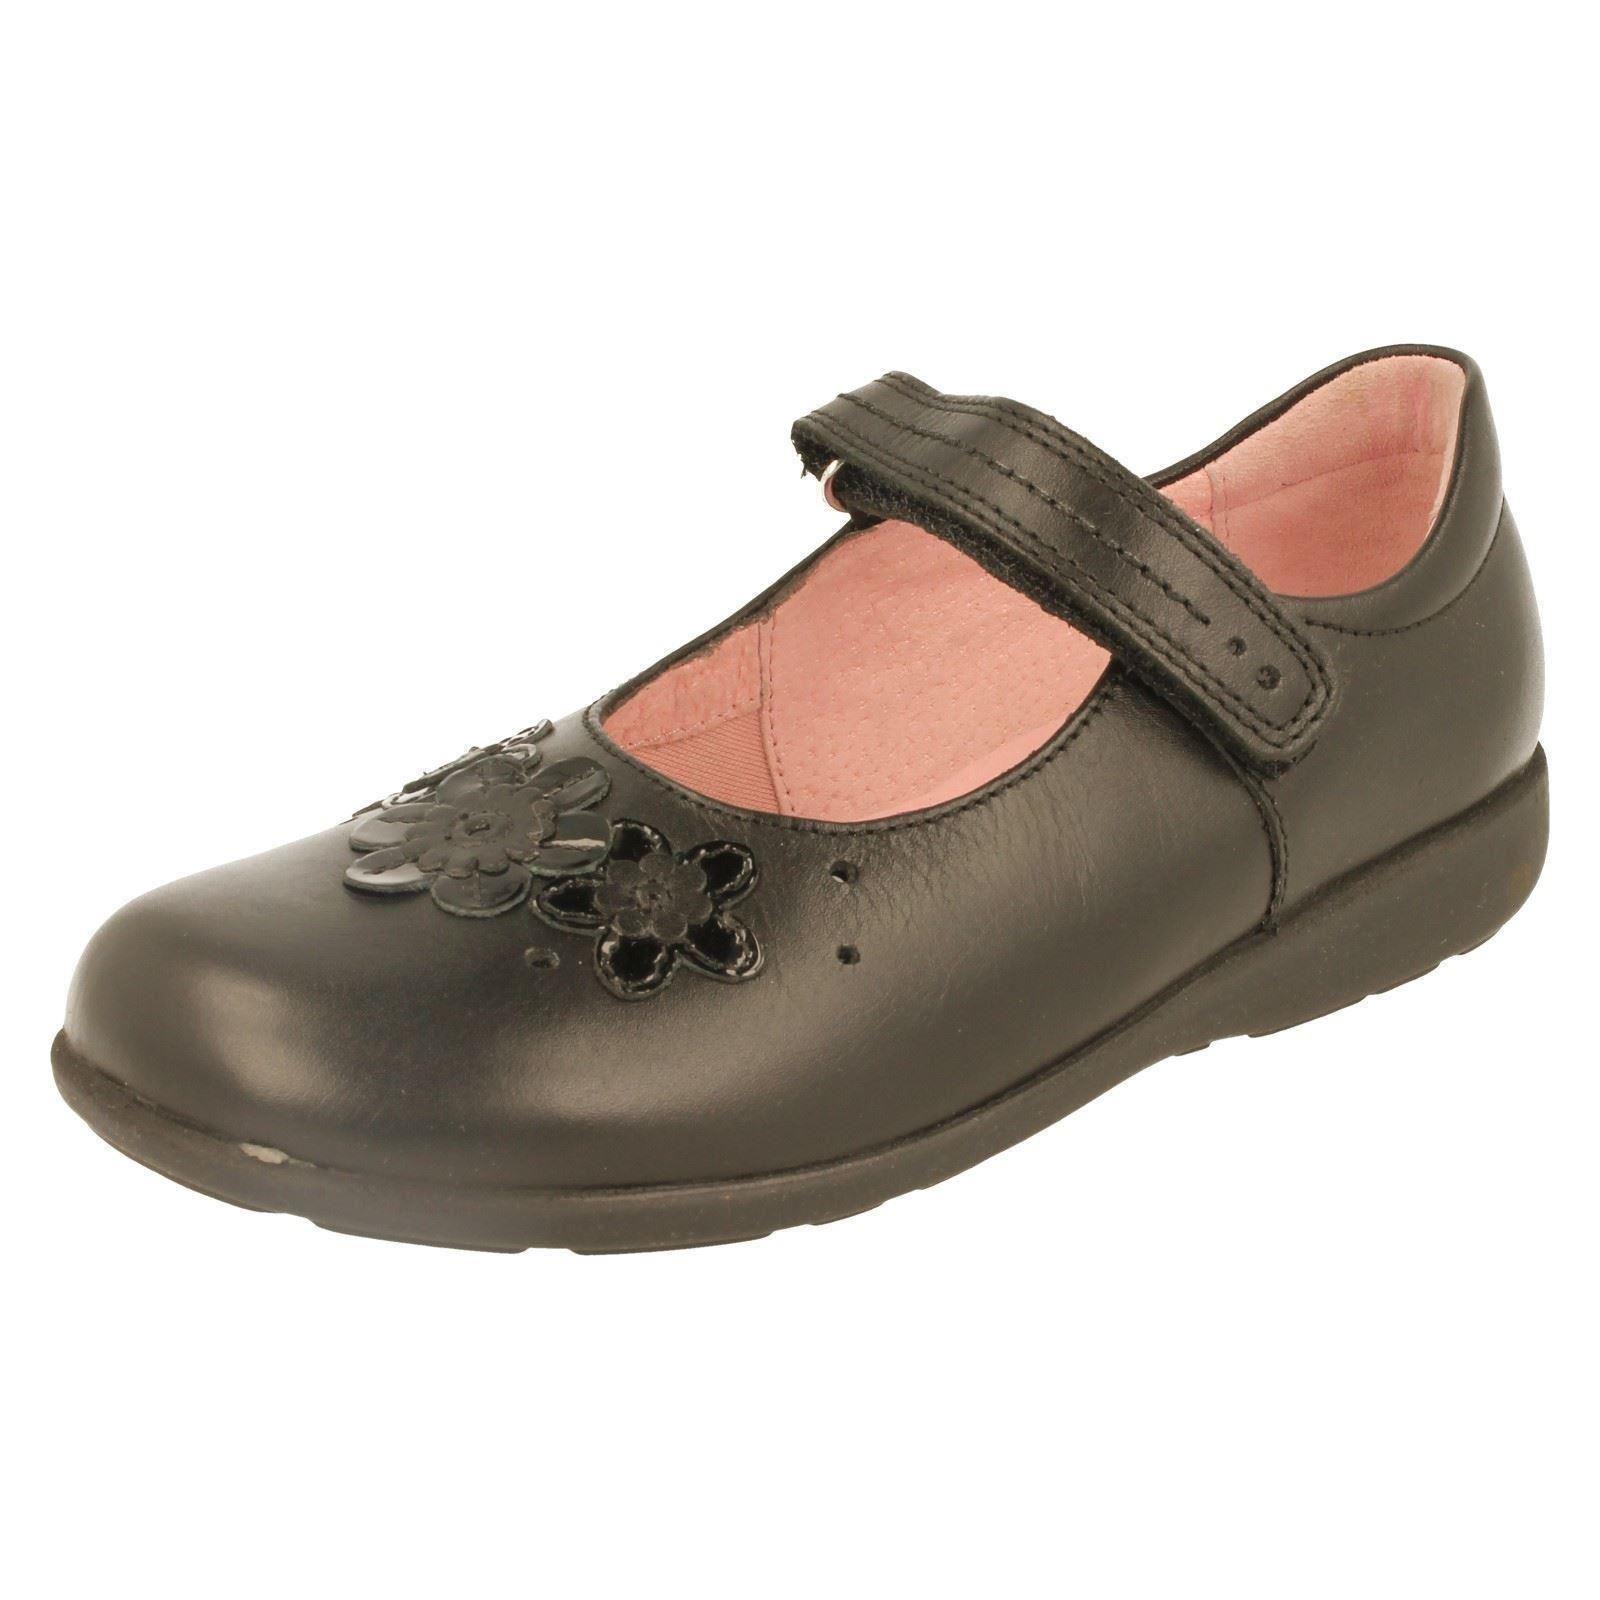 Girls-Start-Rite-Mary-Jane-School-Shoes-Style-Fleur-W